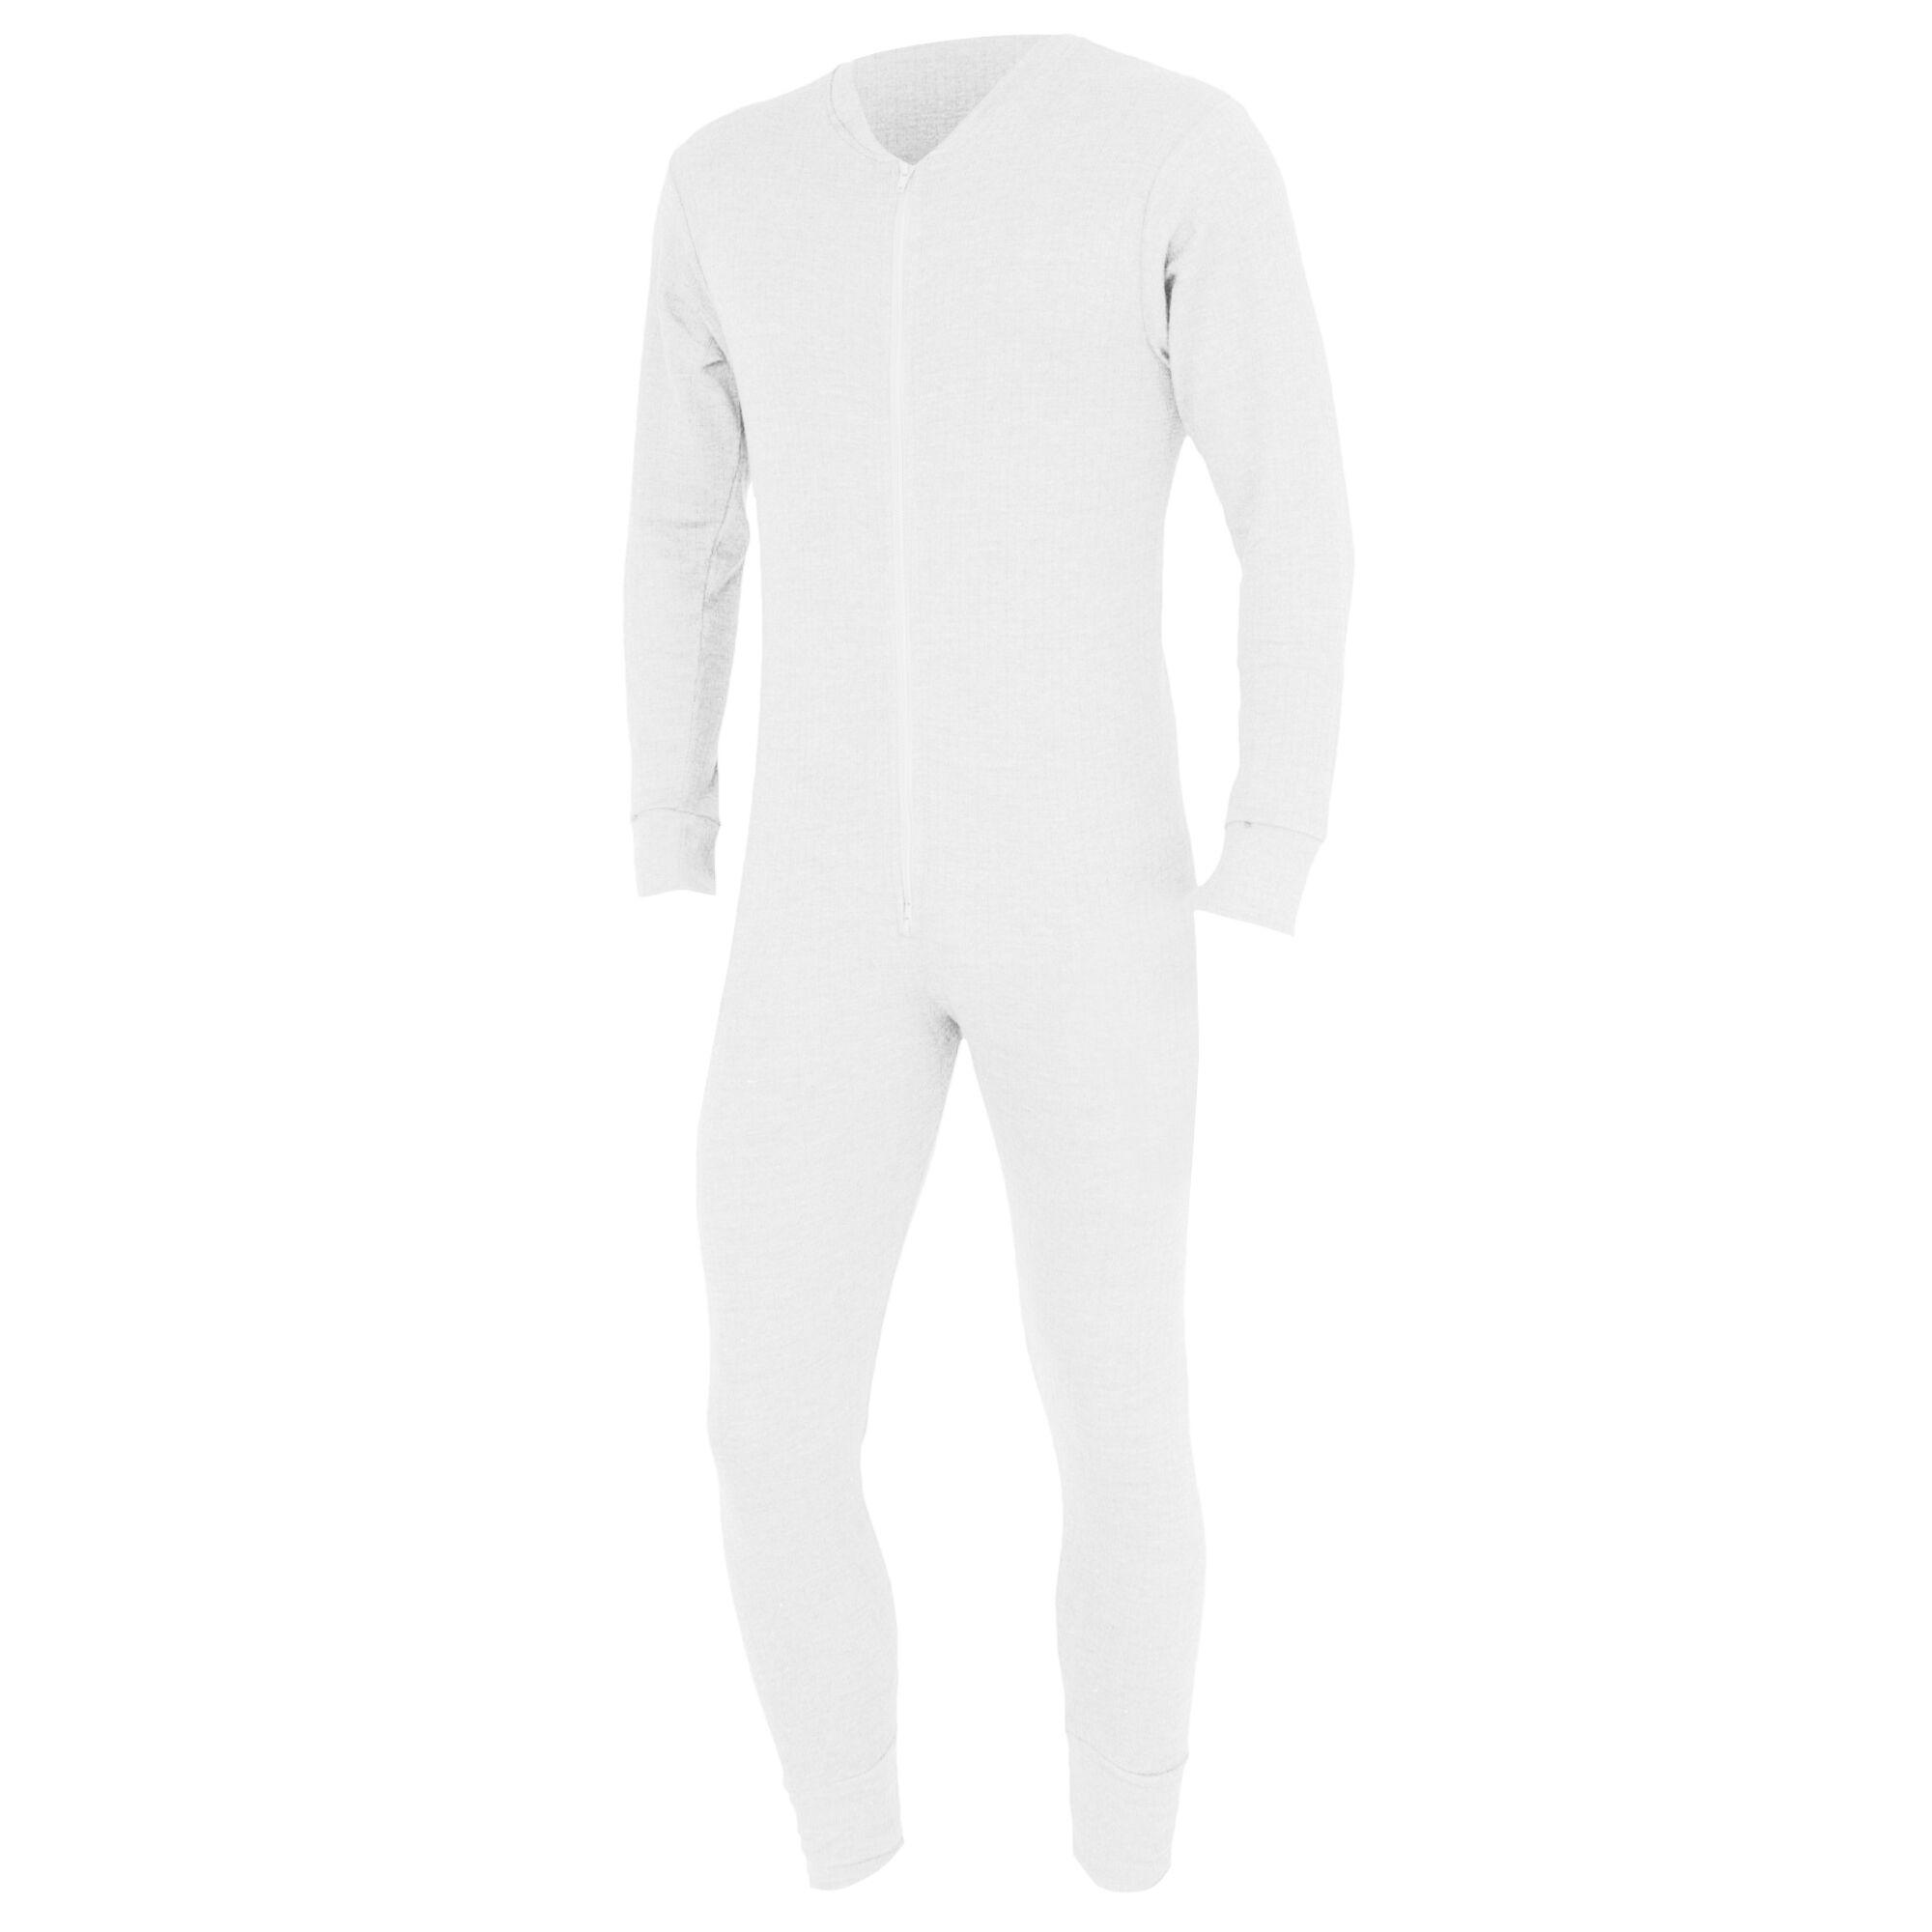 Floso - Combinaison Thermique - Homme (Blanc) - UTTHERM45